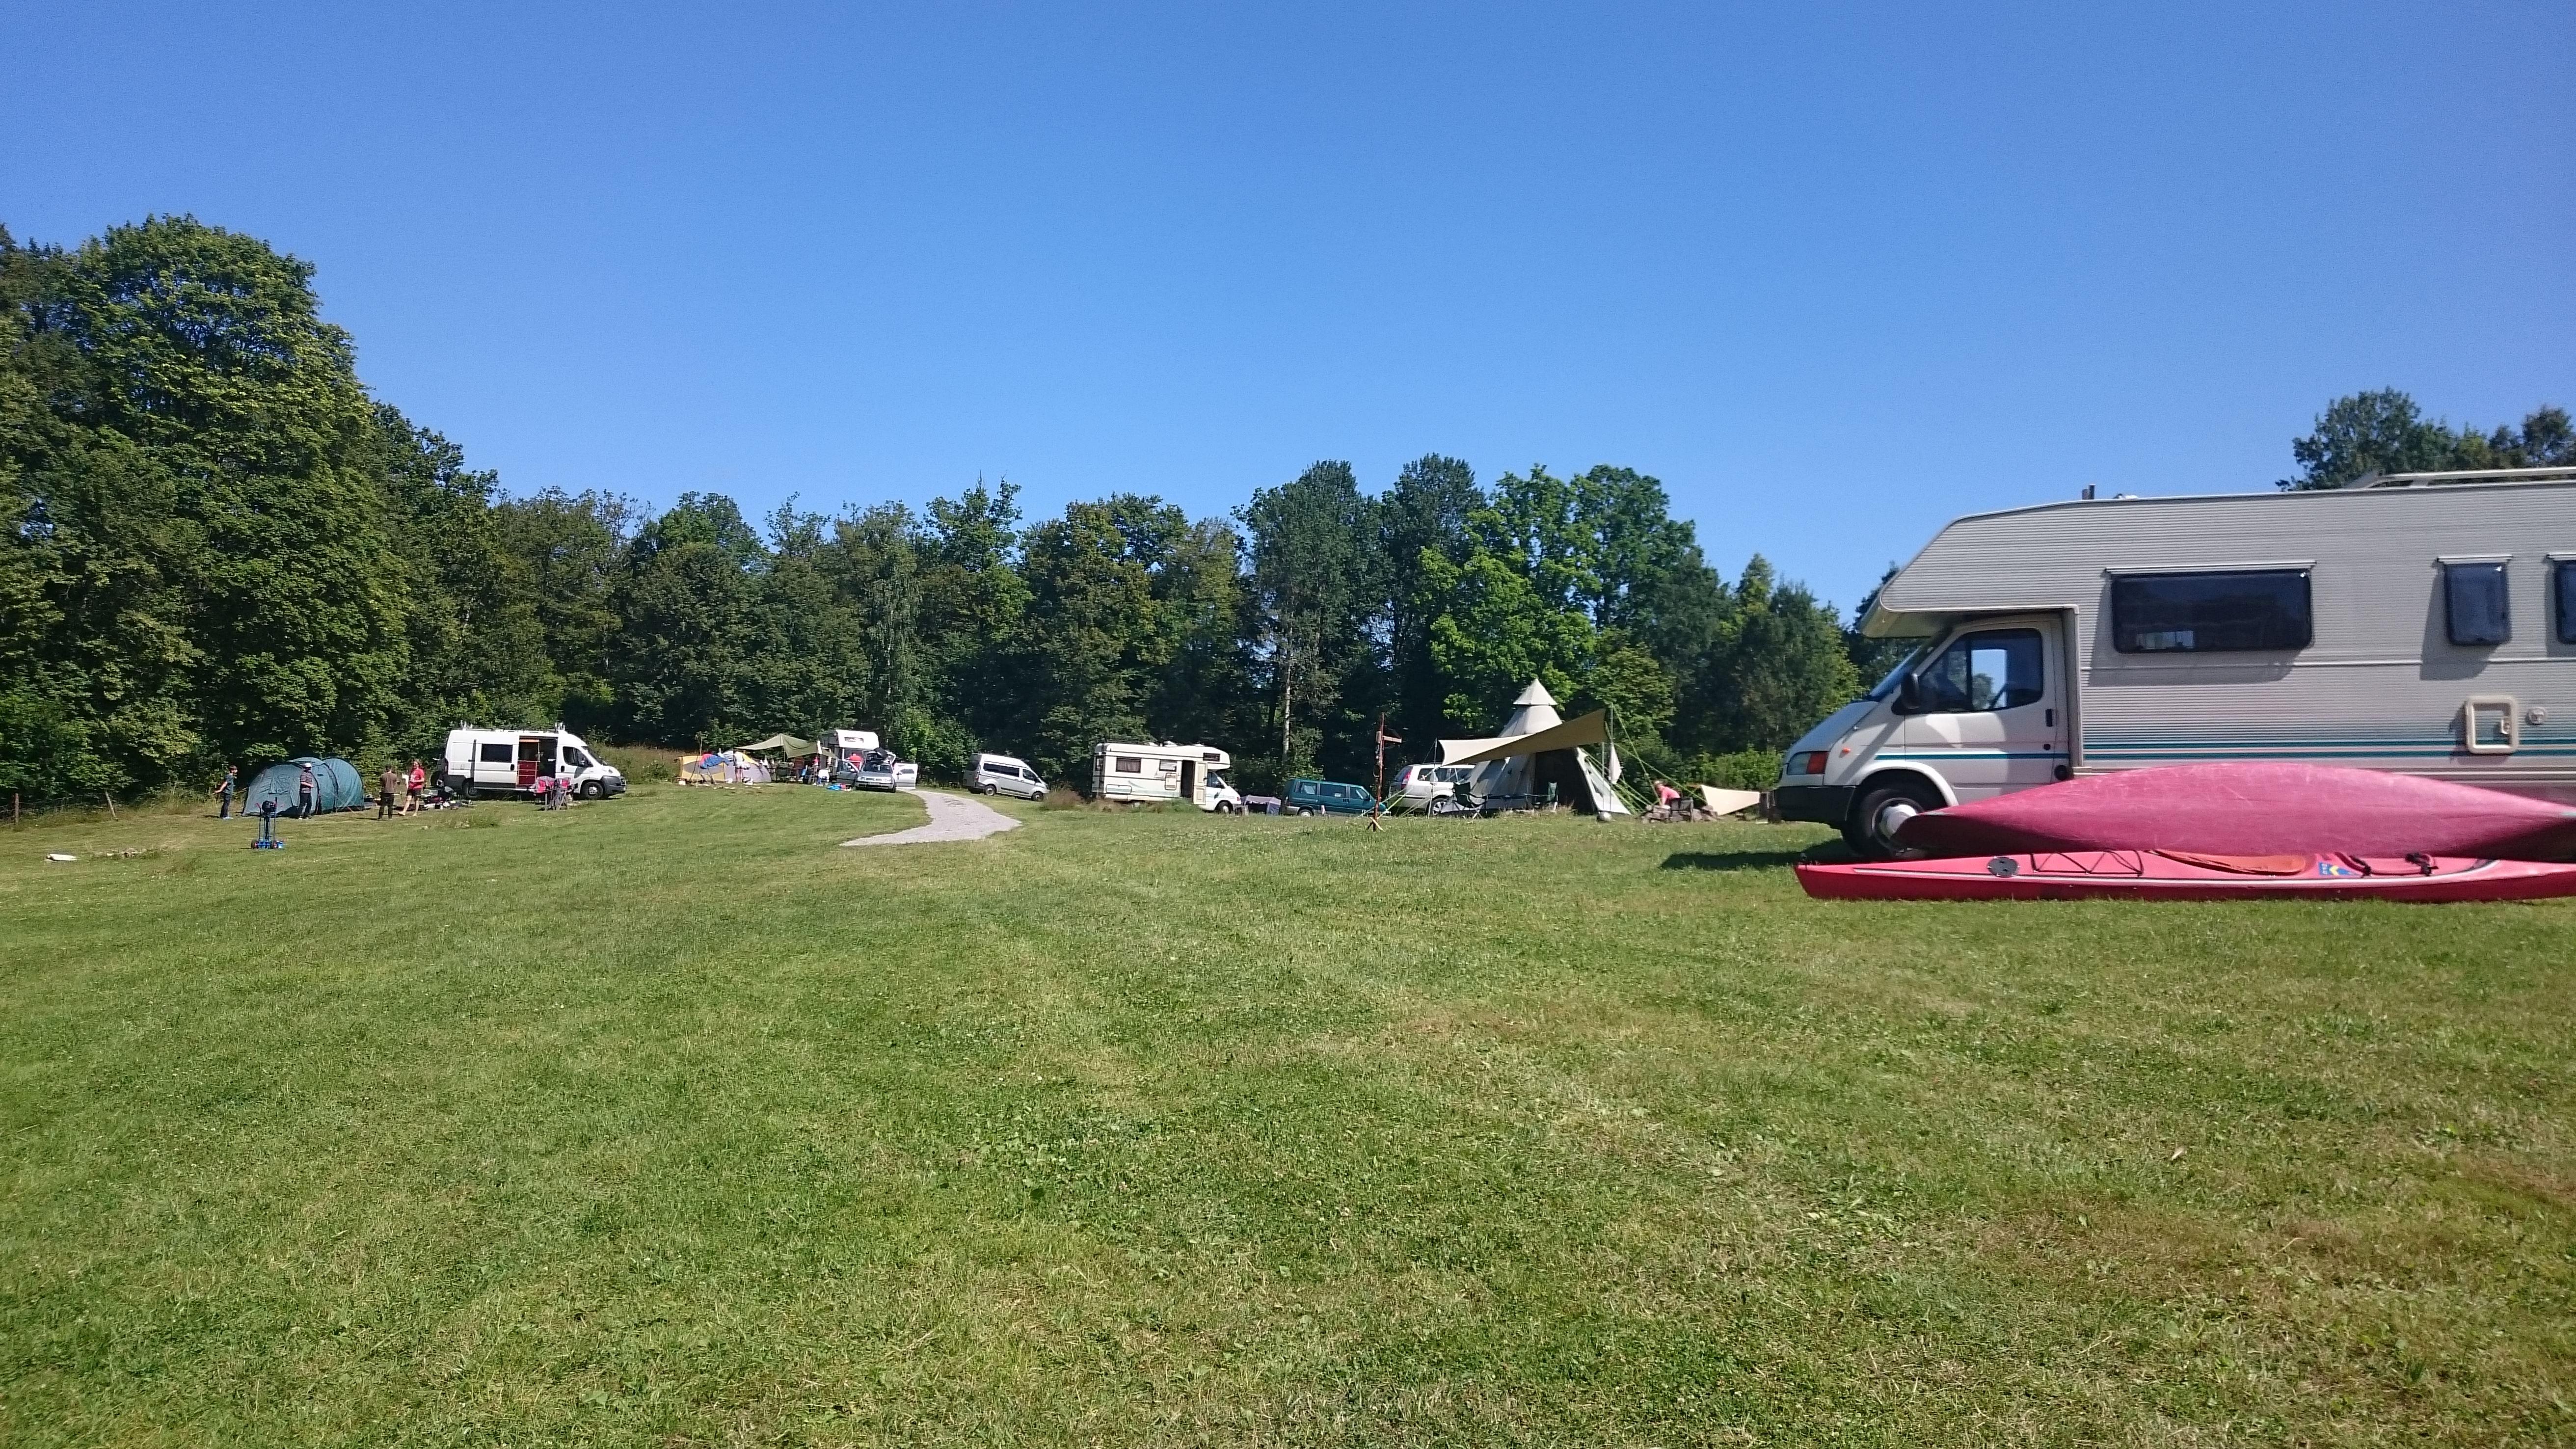 Rotahults Camping